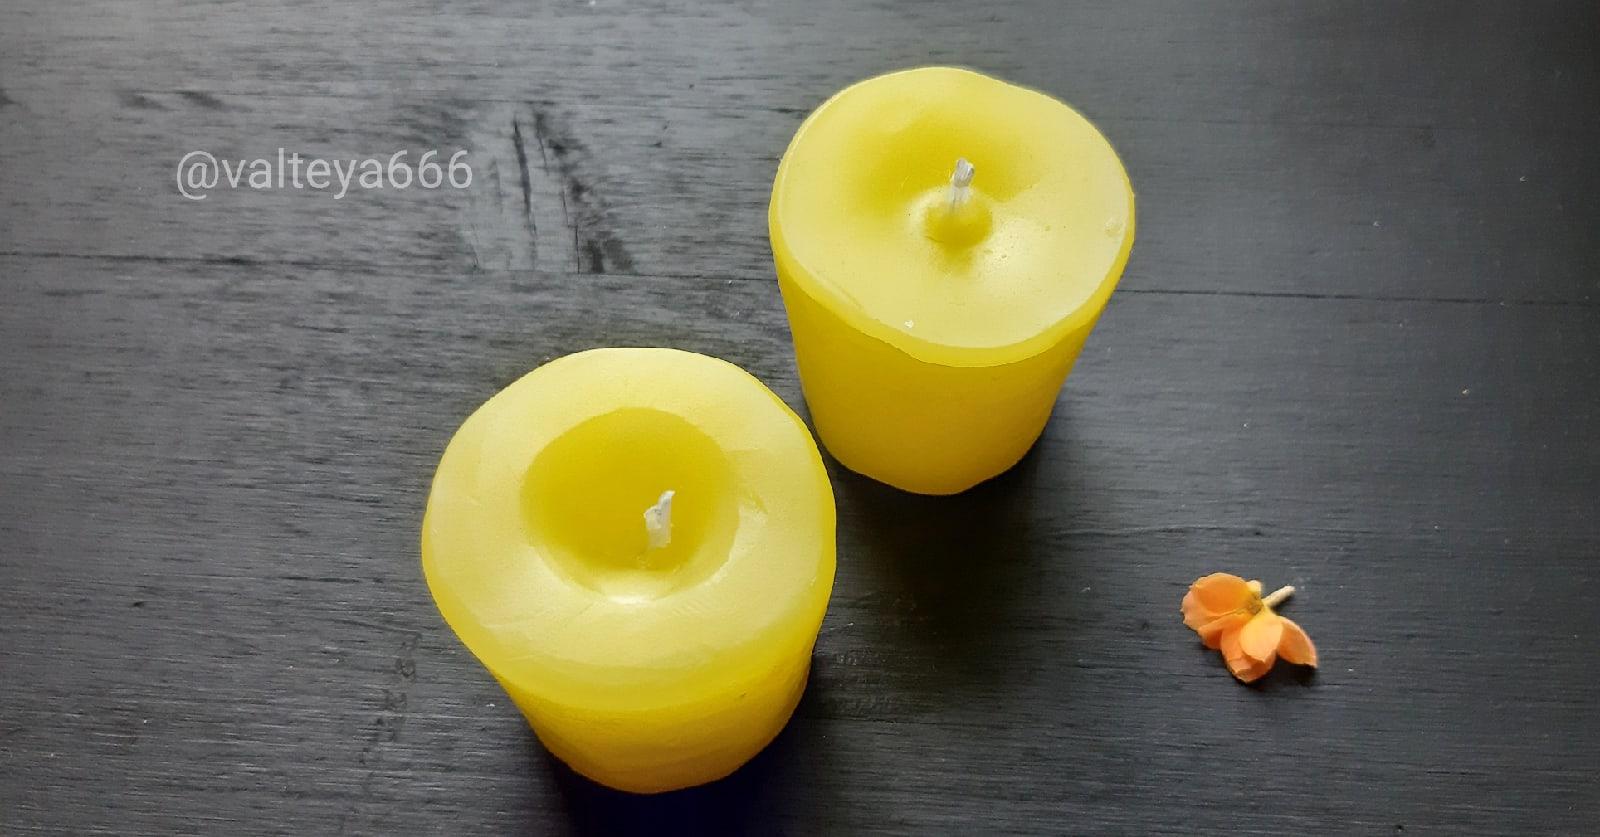 любовнаямагия - Программные свечи от Елены Руденко. - Страница 17 Uj4LmFKu3Tg